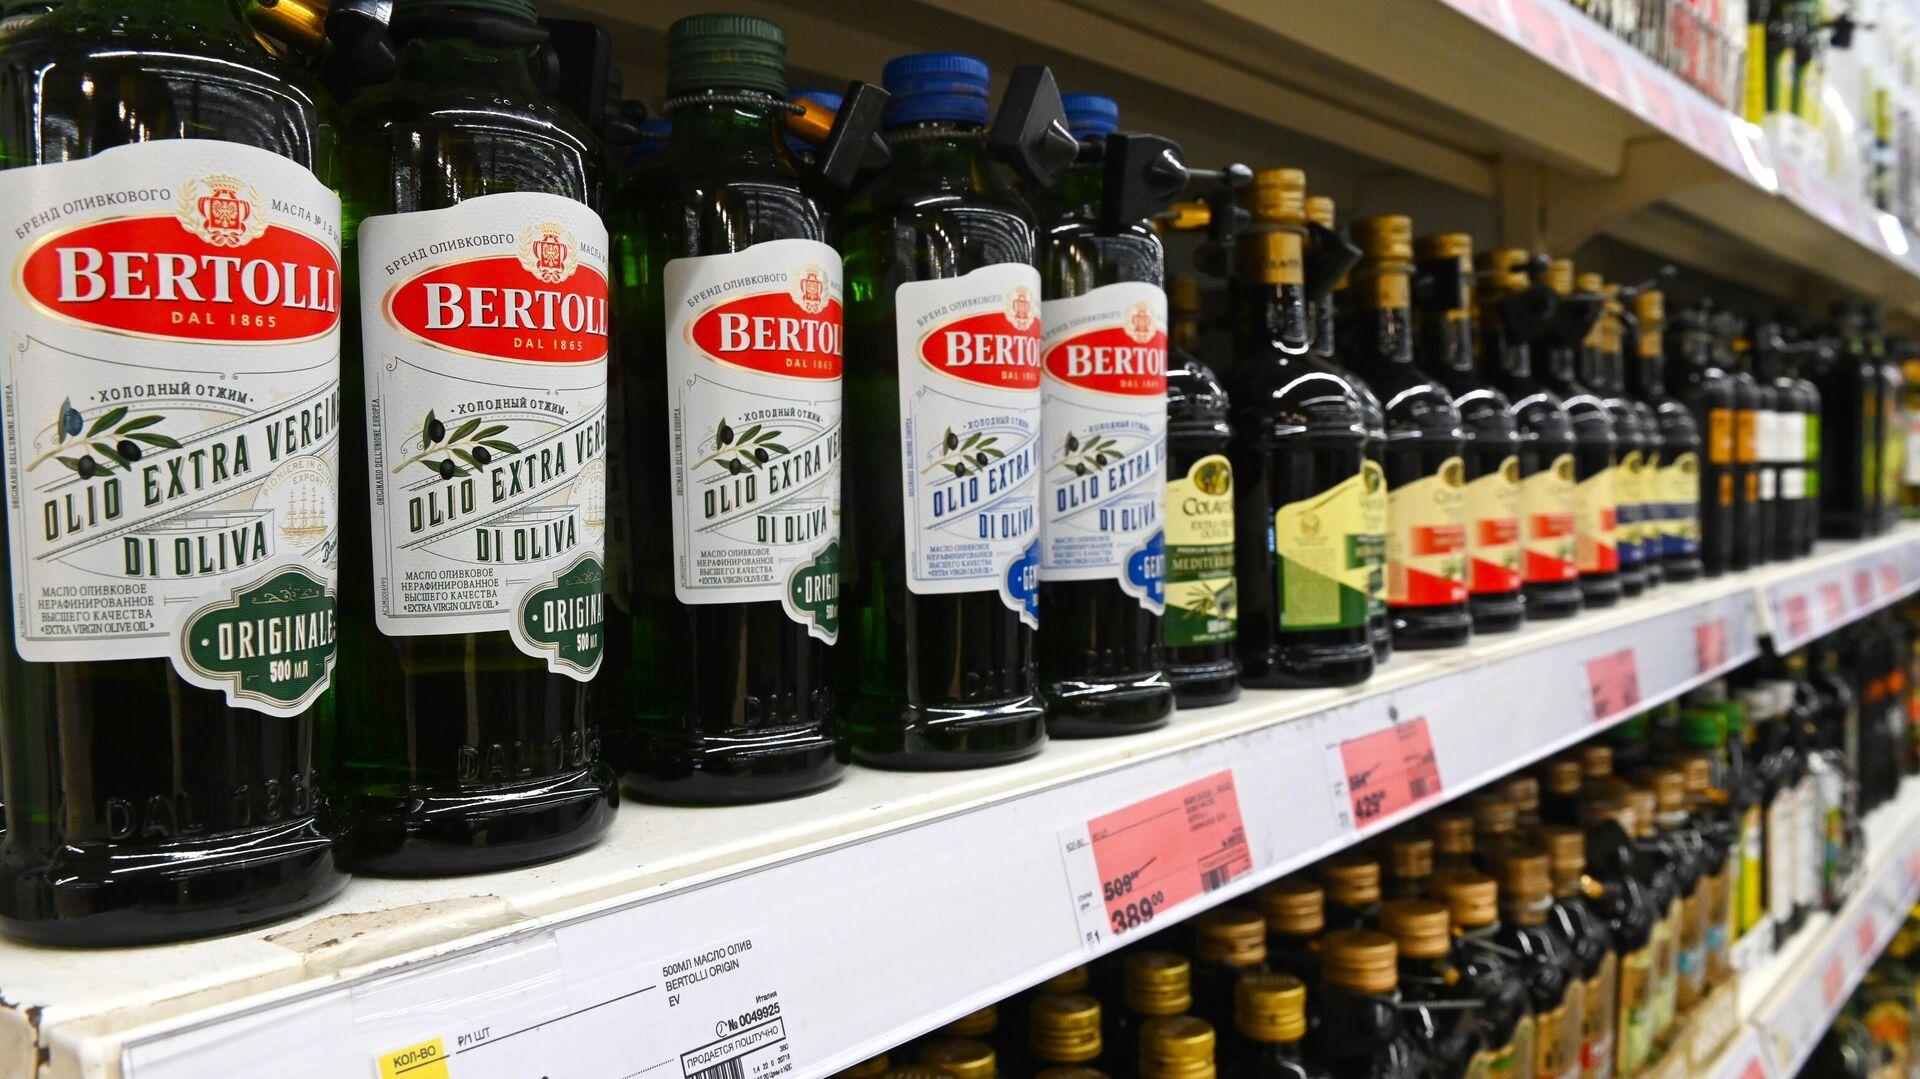 Бутылки с растительным маслом на полке магазина - РИА Новости, 1920, 14.07.2021